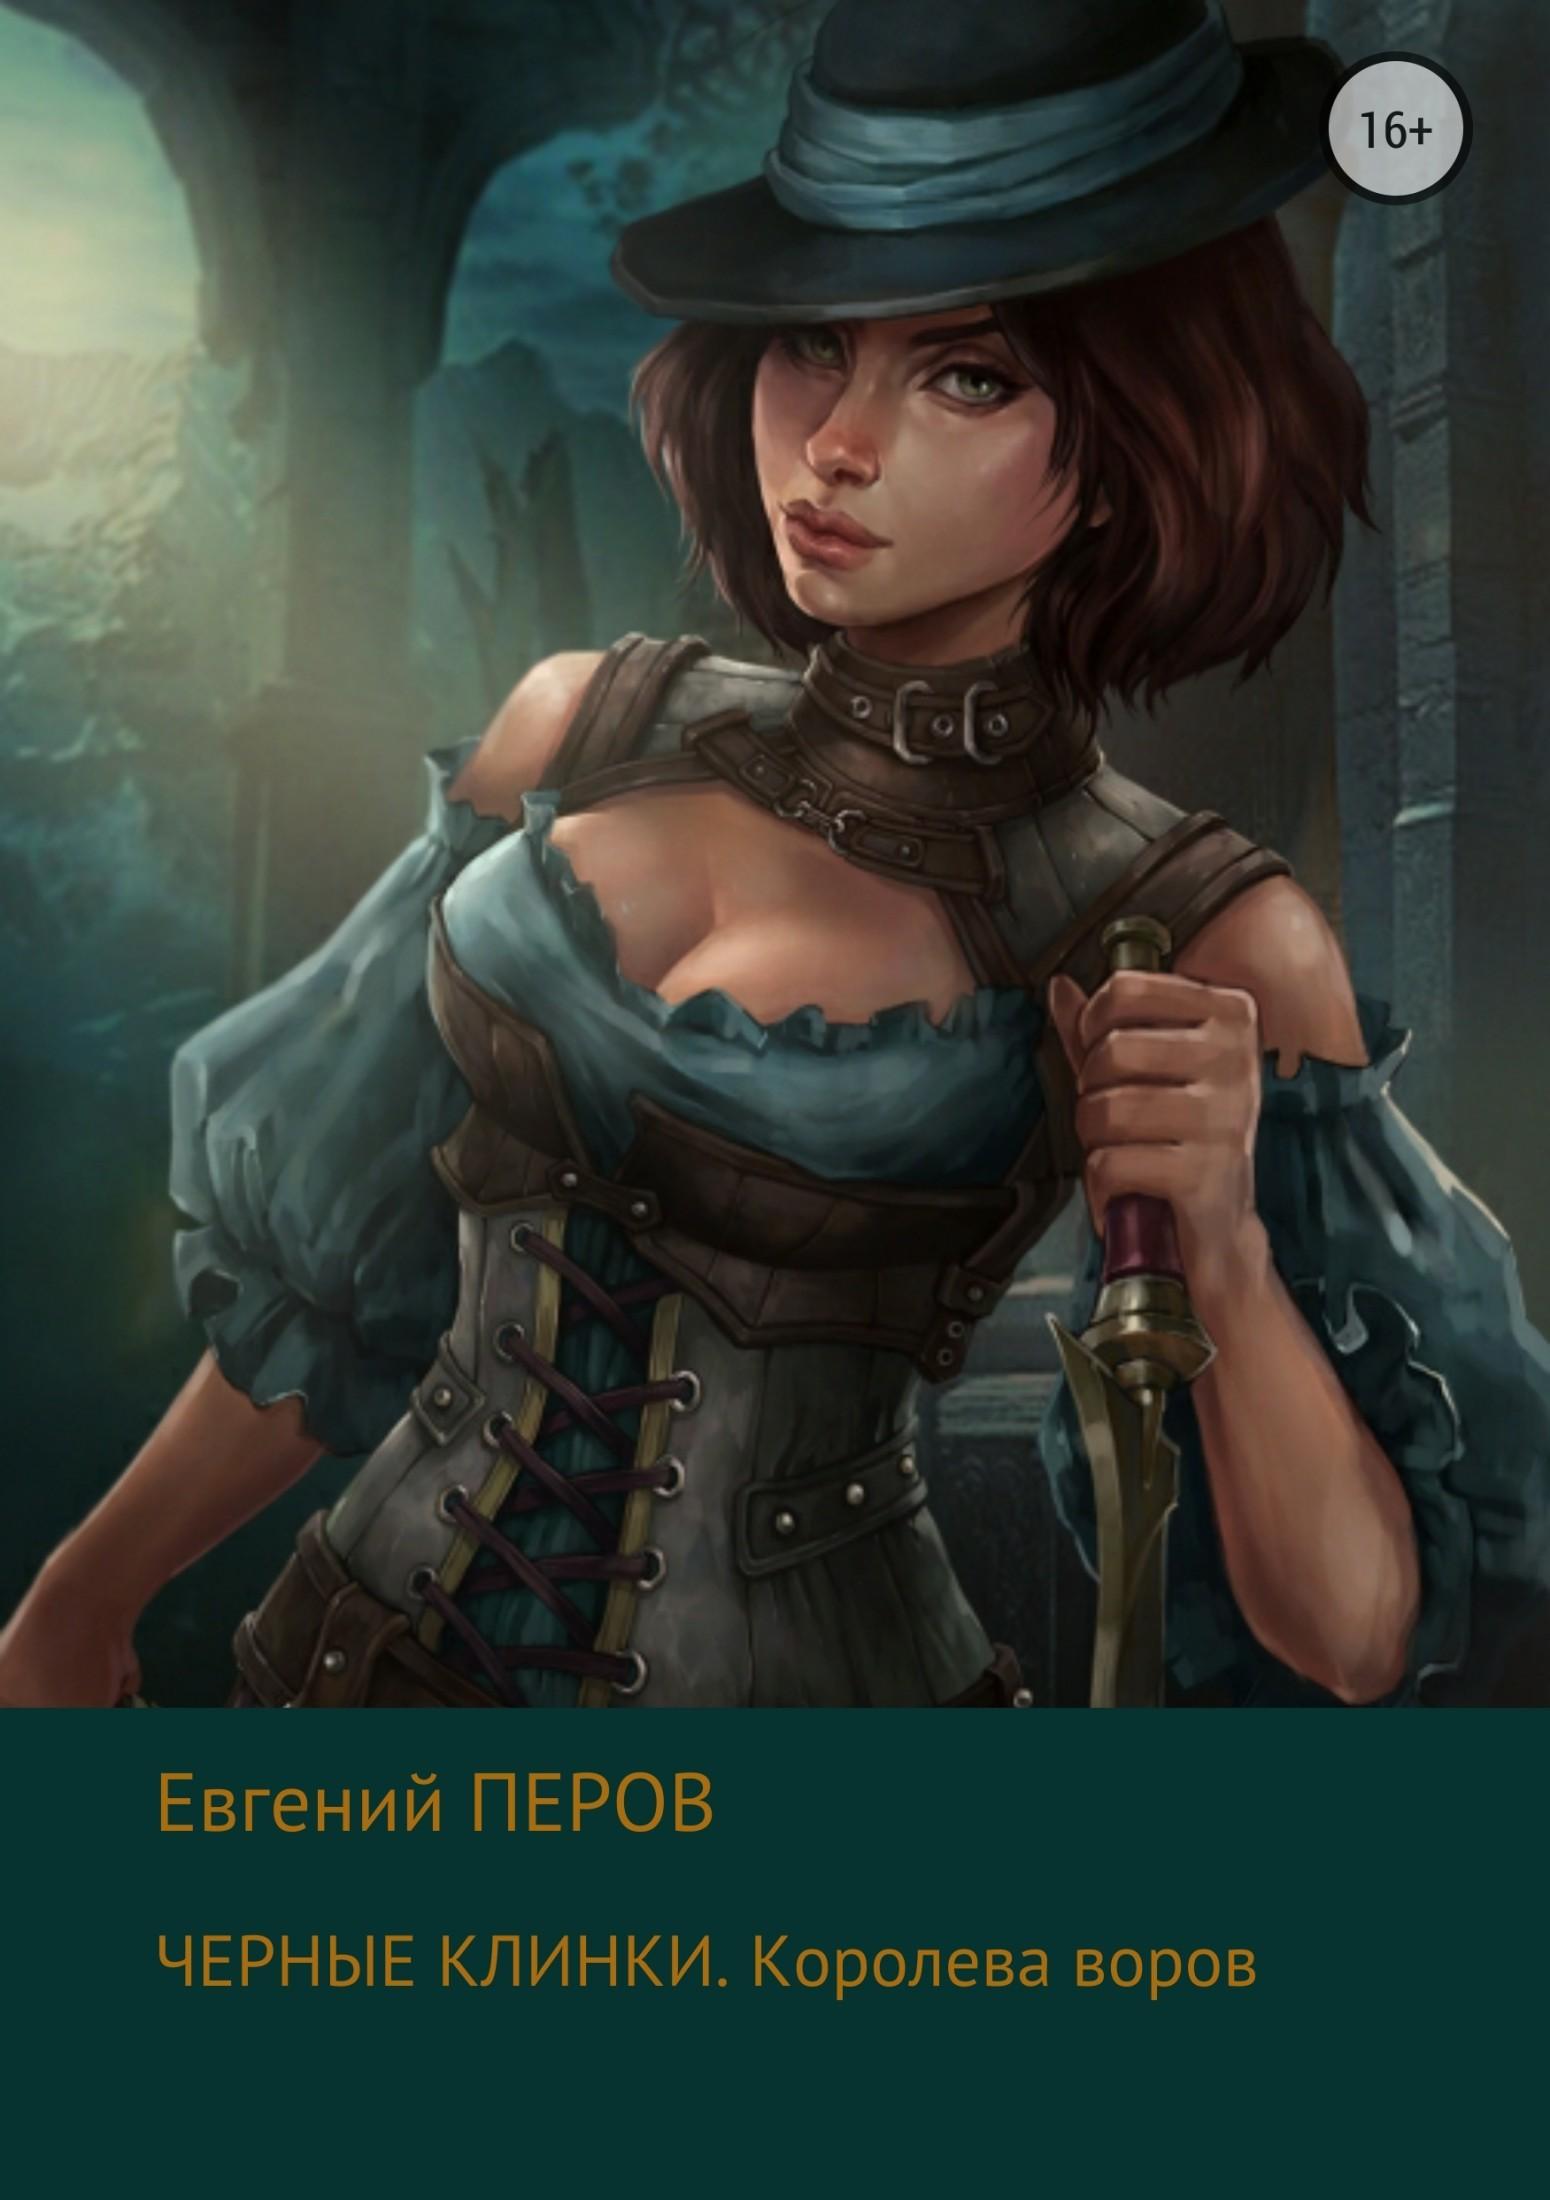 Евгений Перов Черные клинки. Королева воров